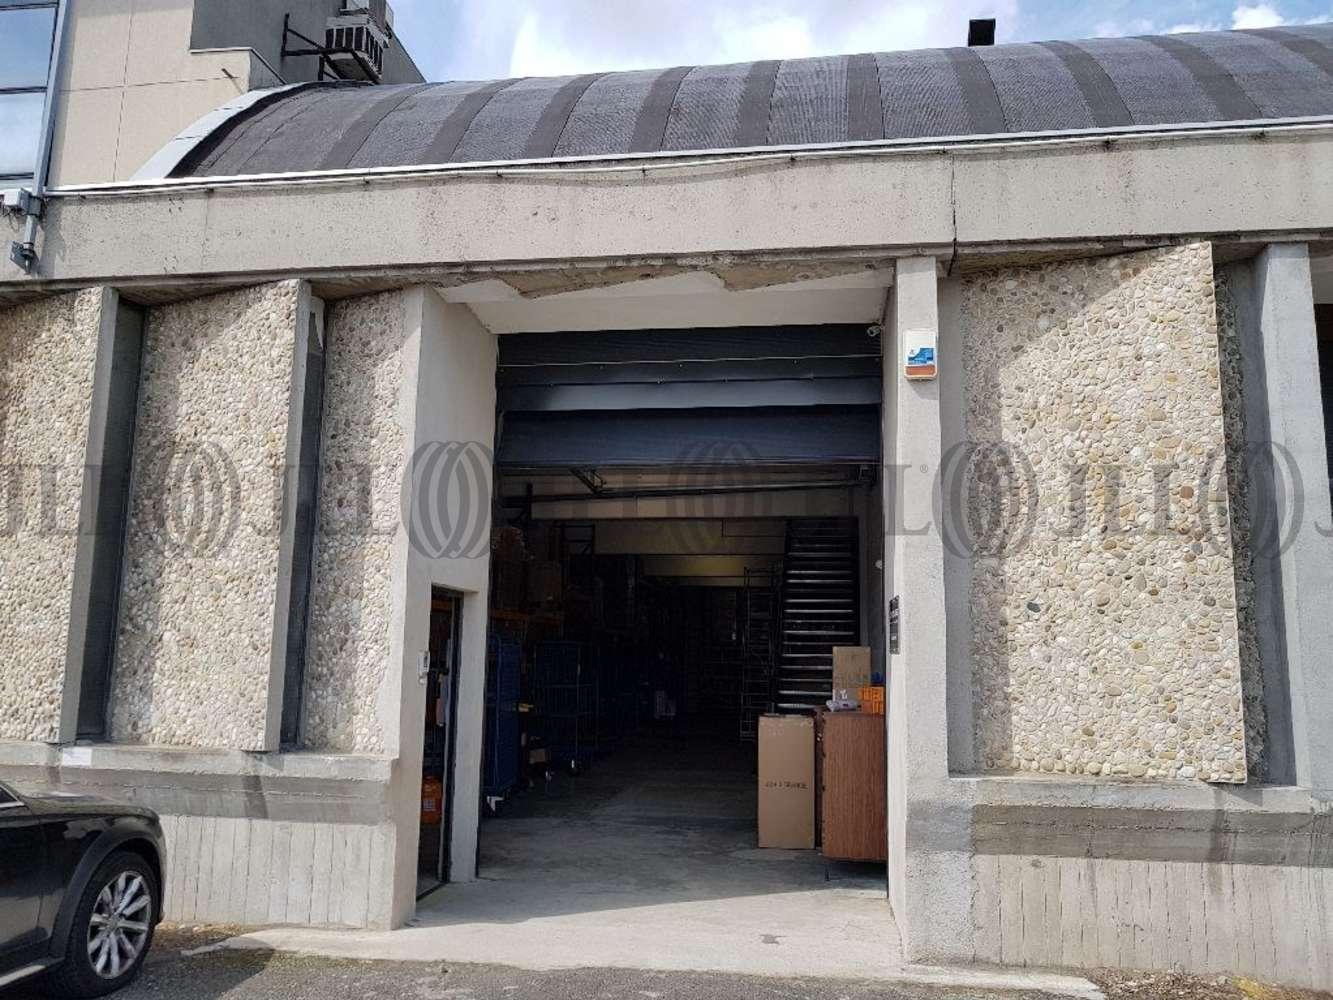 Activités/entrepôt Genay, 69730 - ENTREPOT À VENDRE LYON  - GENAY - 9567659